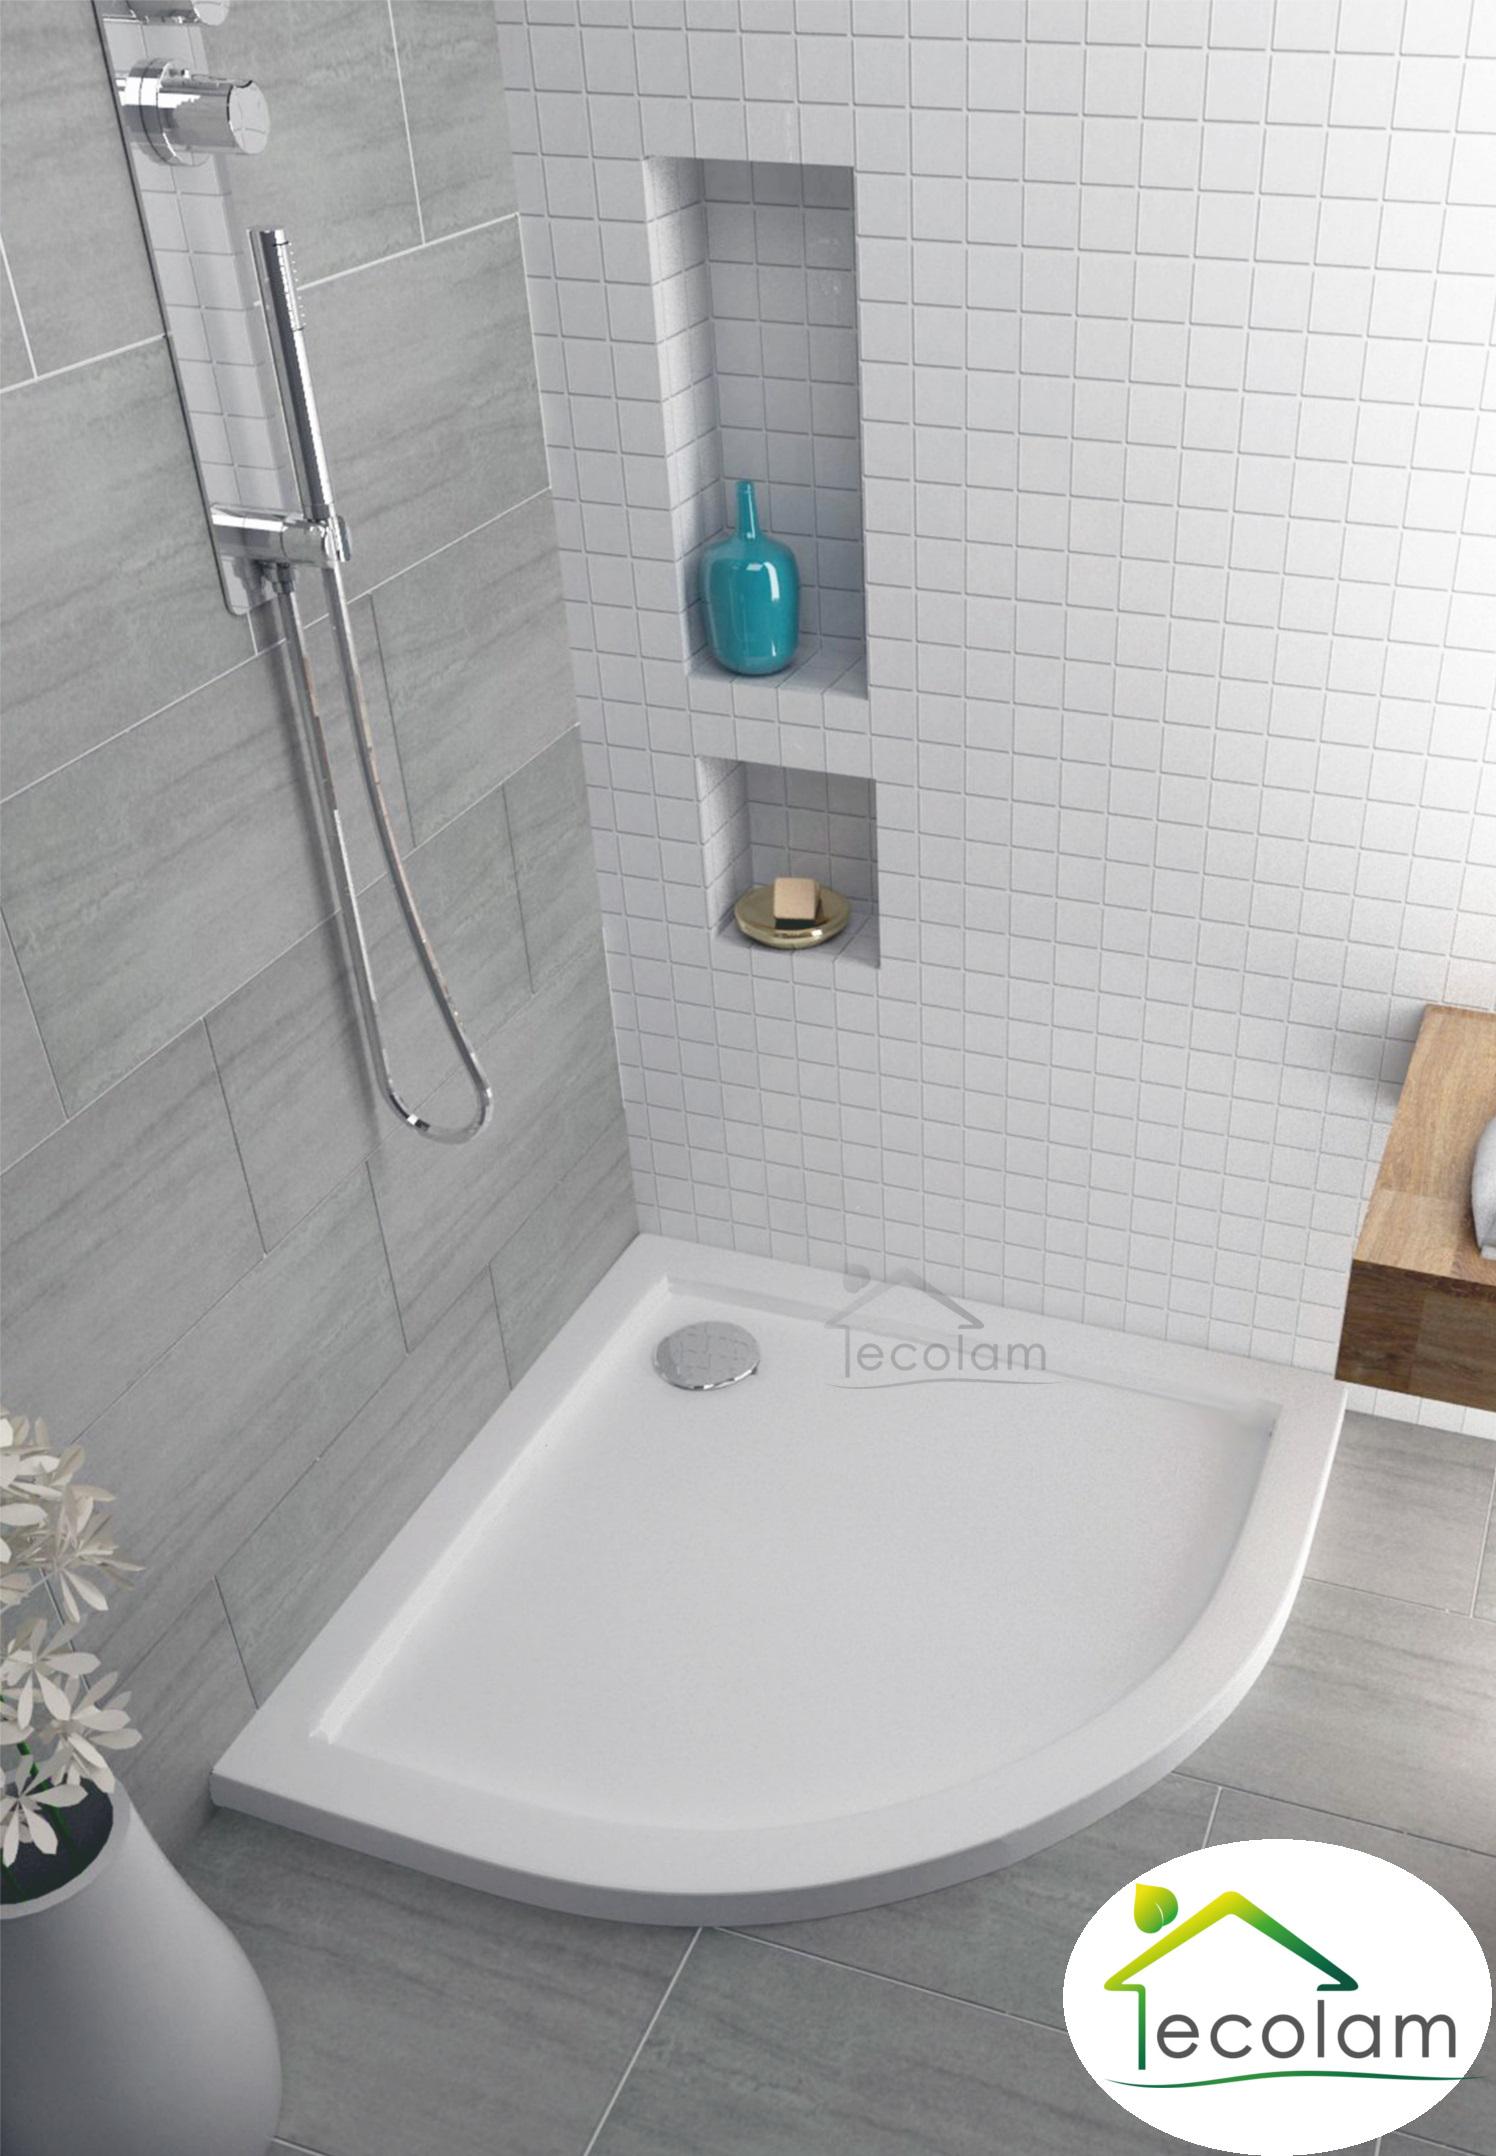 duschwanne duschtasse viertelkreis flach 90 x 90 x 3 x 5 5 cm ablauf silikon a ebay. Black Bedroom Furniture Sets. Home Design Ideas